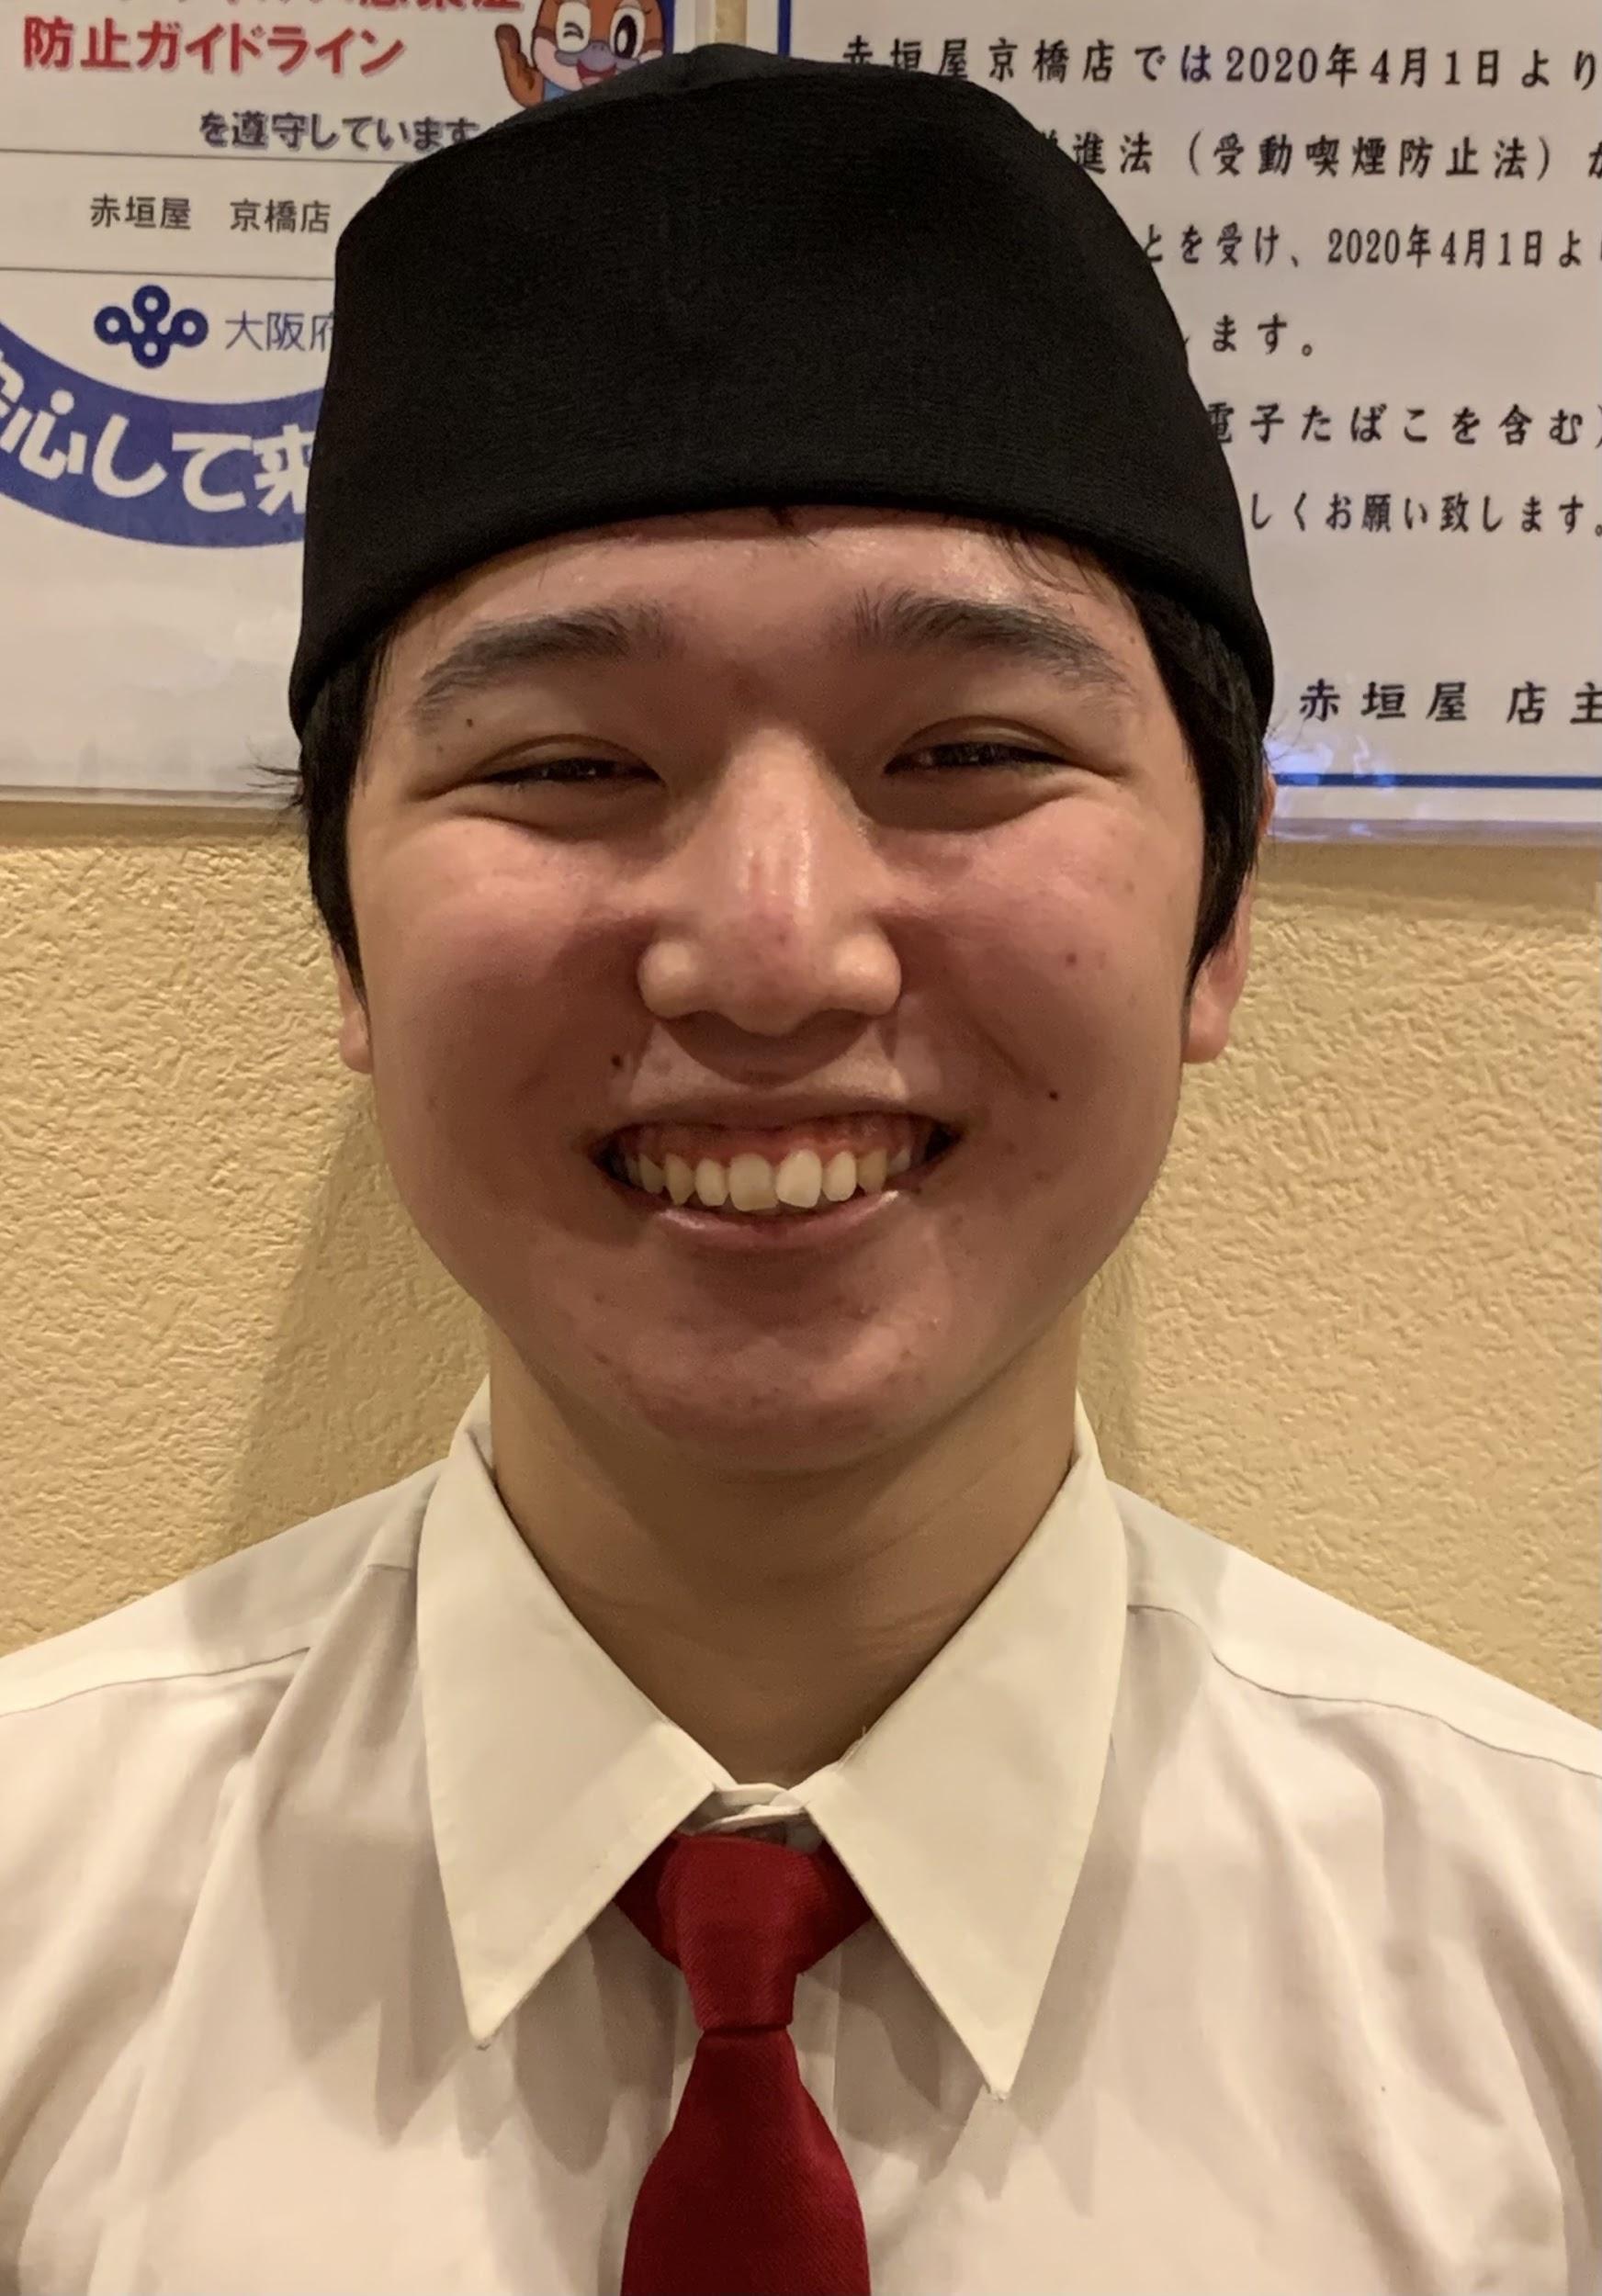 京橋店 スタッフ:矢倉 琉聖(やぐっちゃん)